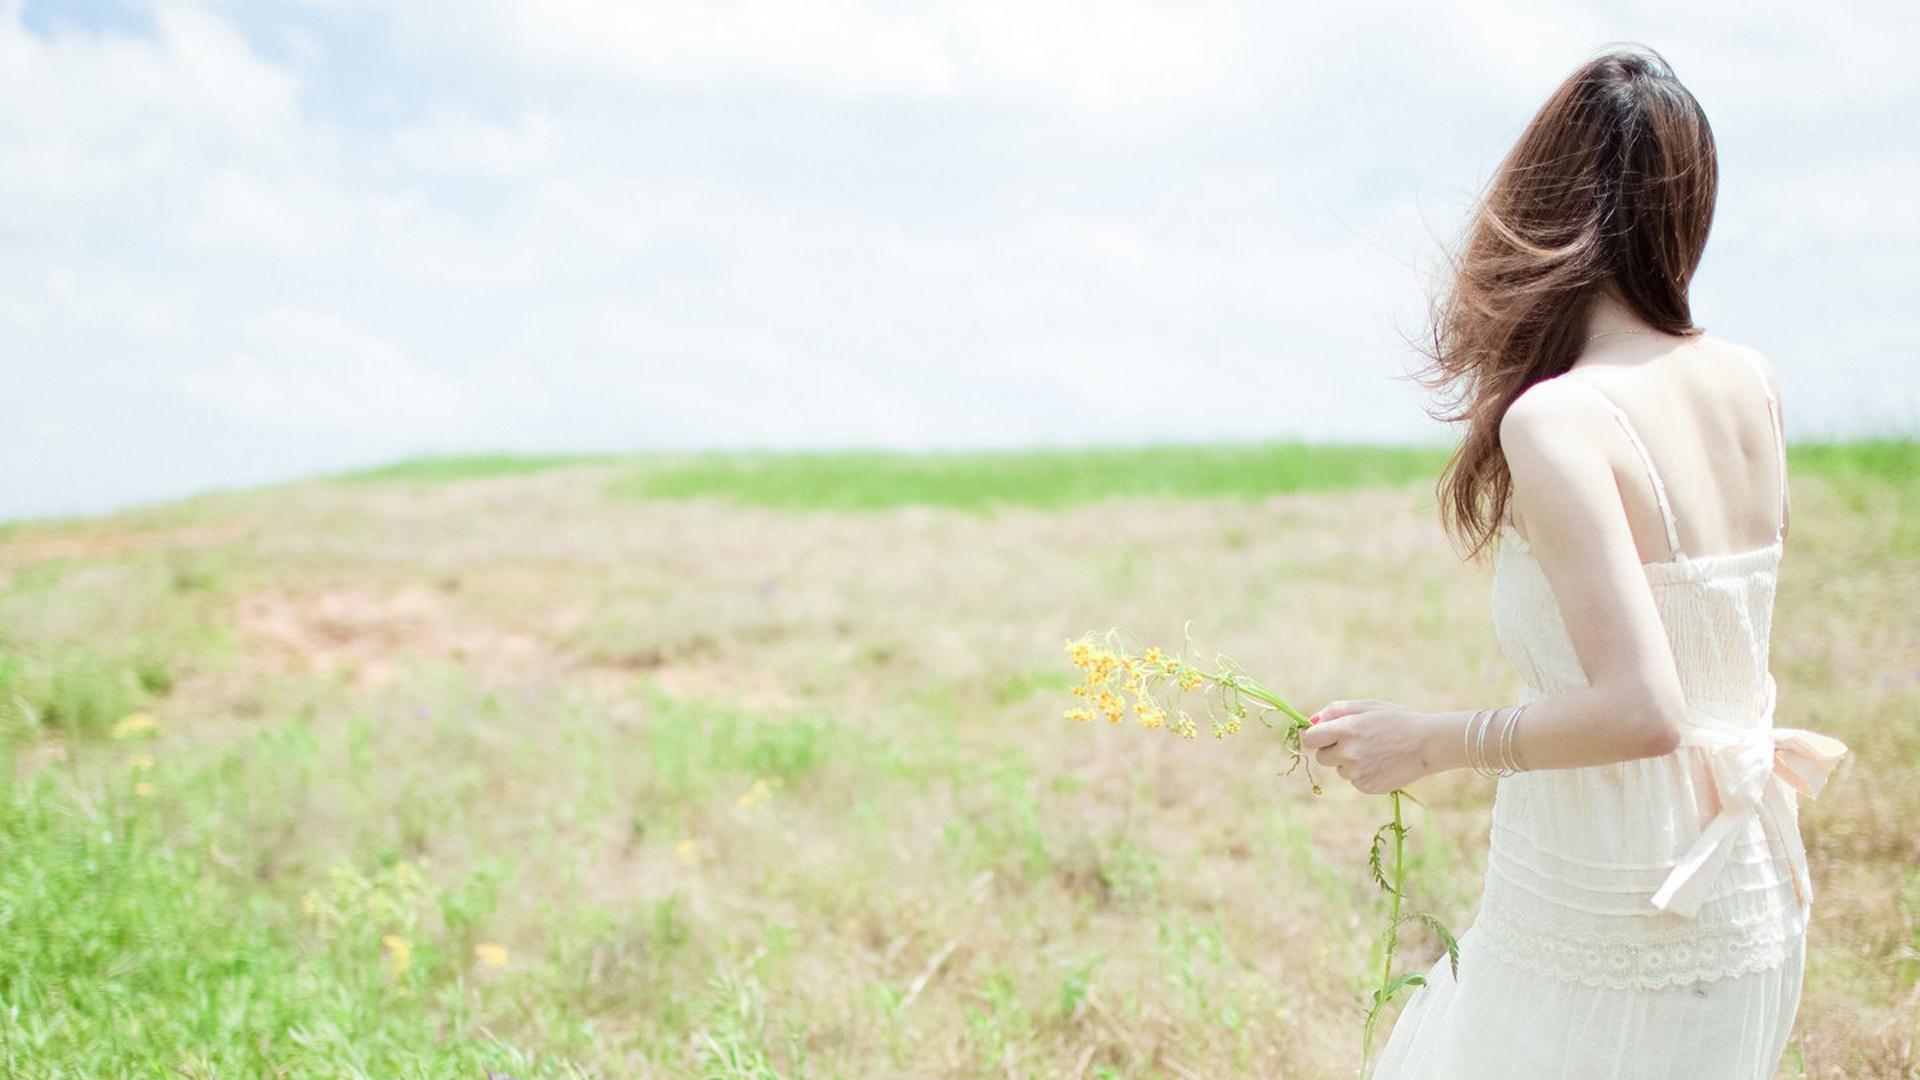 【中秋国庆大促】贵州贵阳梵净山、黄果树、荔波、西江、镇远6日5晚跟团游